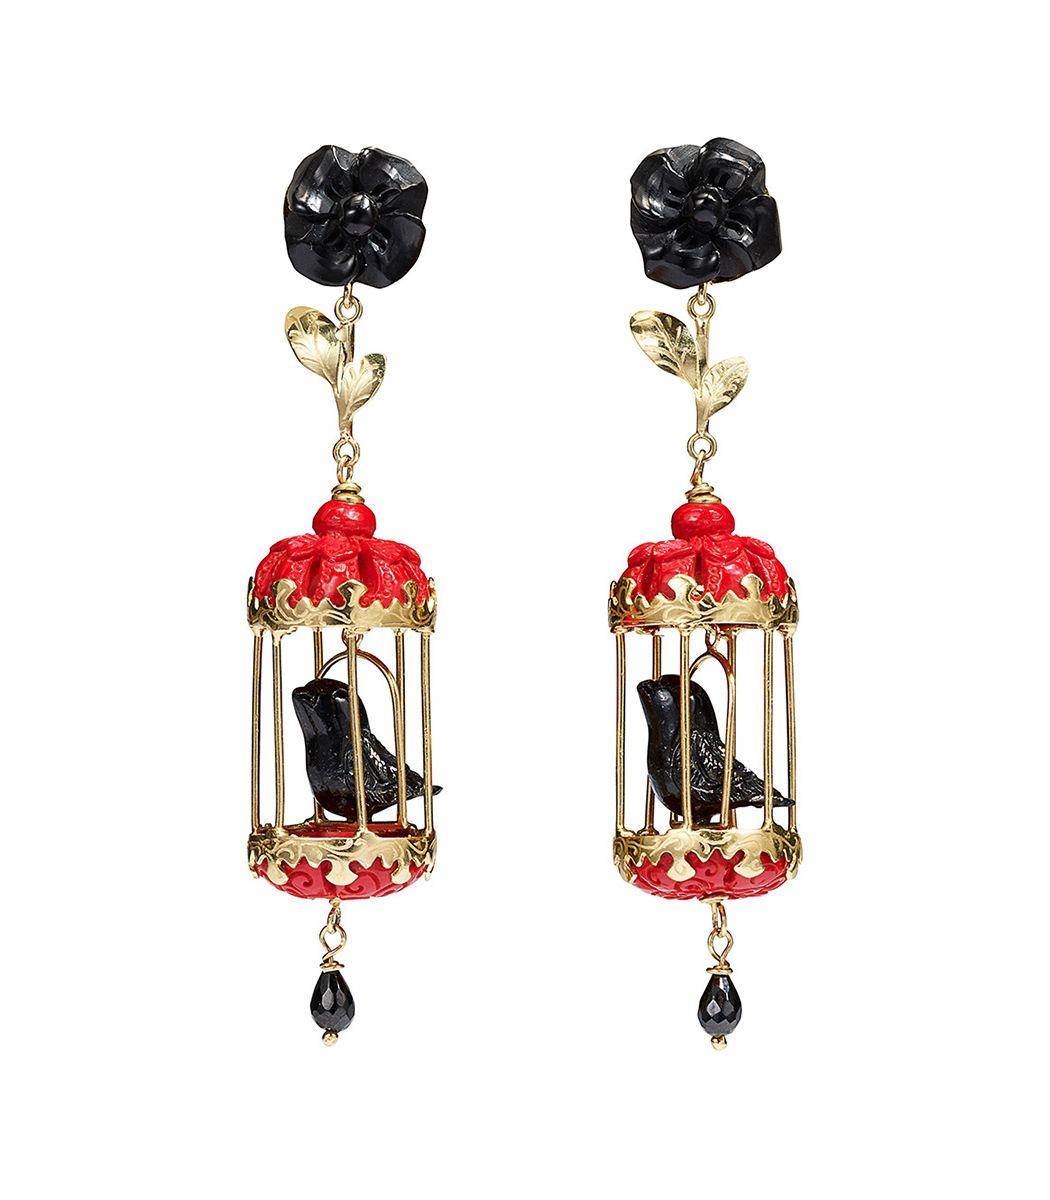 ShopBazaar Of Rare Origin Black Ruby Aviary Classic Earrings